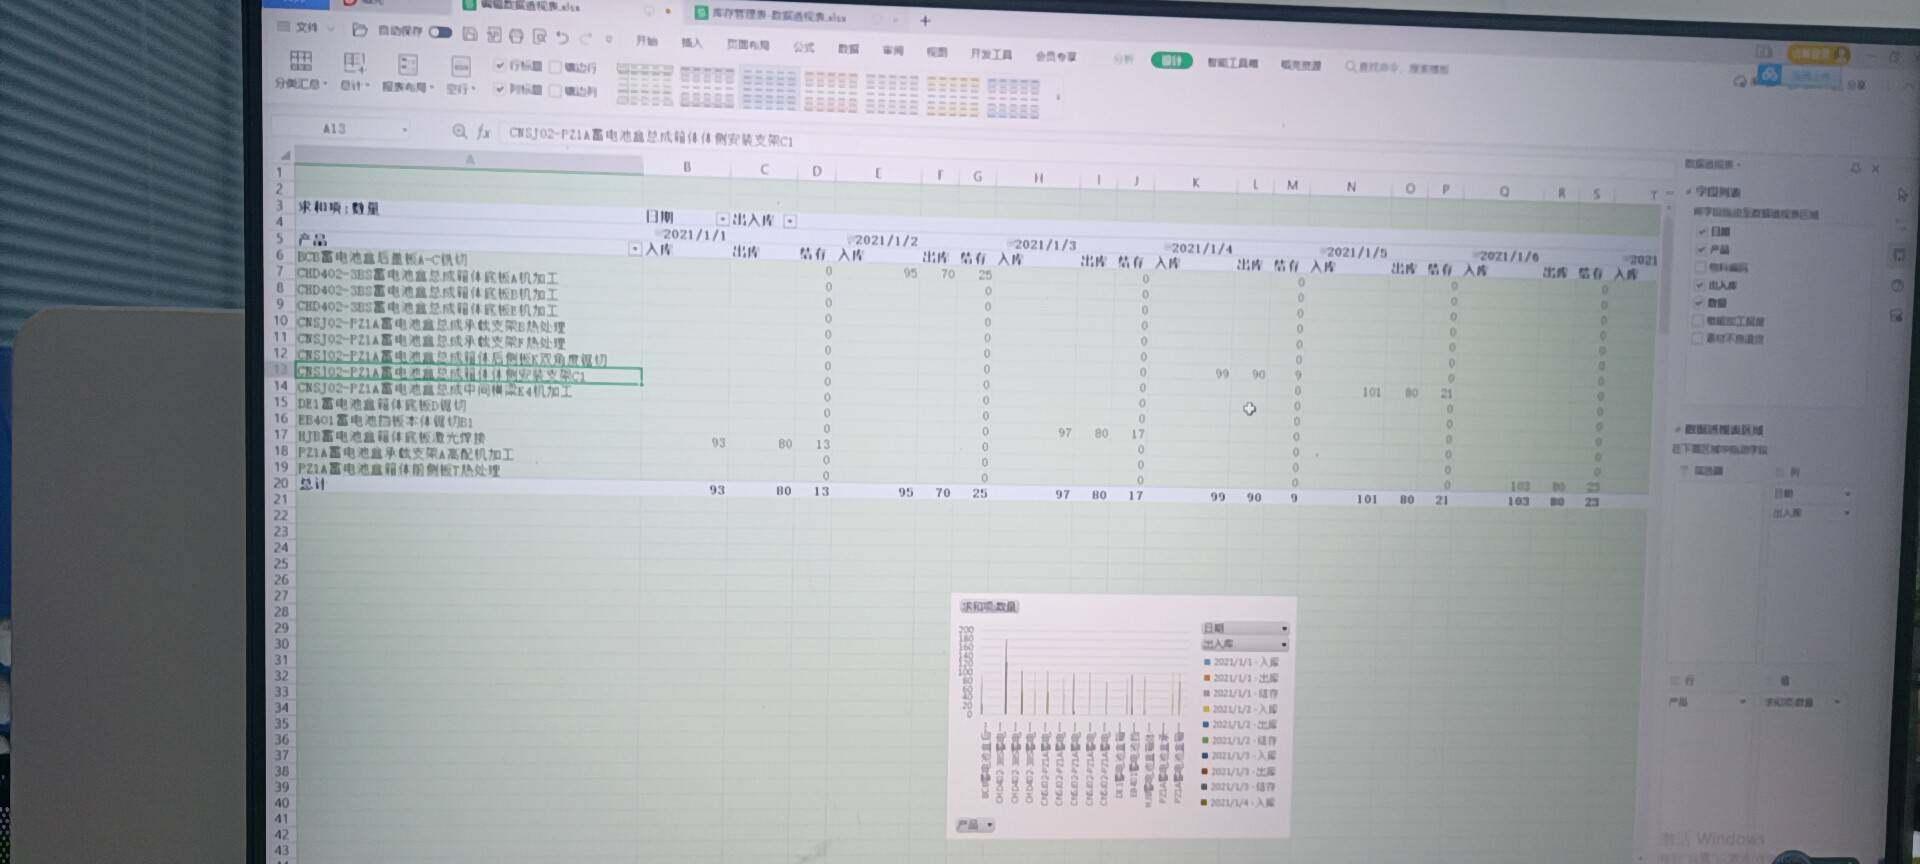 老师,这个数据透视表,我只需要一个月末结存